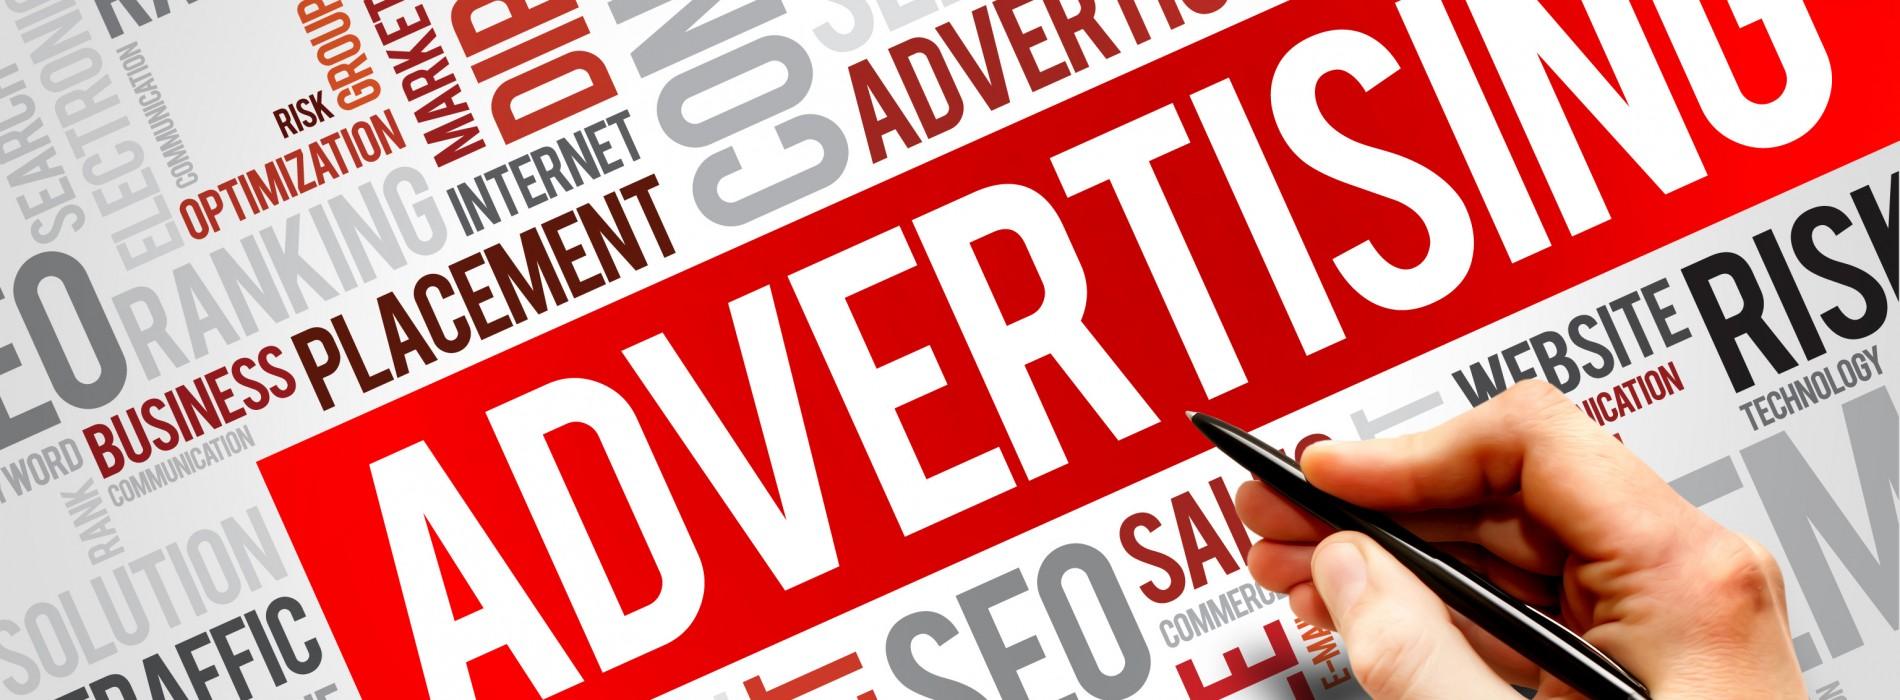 Reklama mobilna czyli przydrożna tablica reklamowa